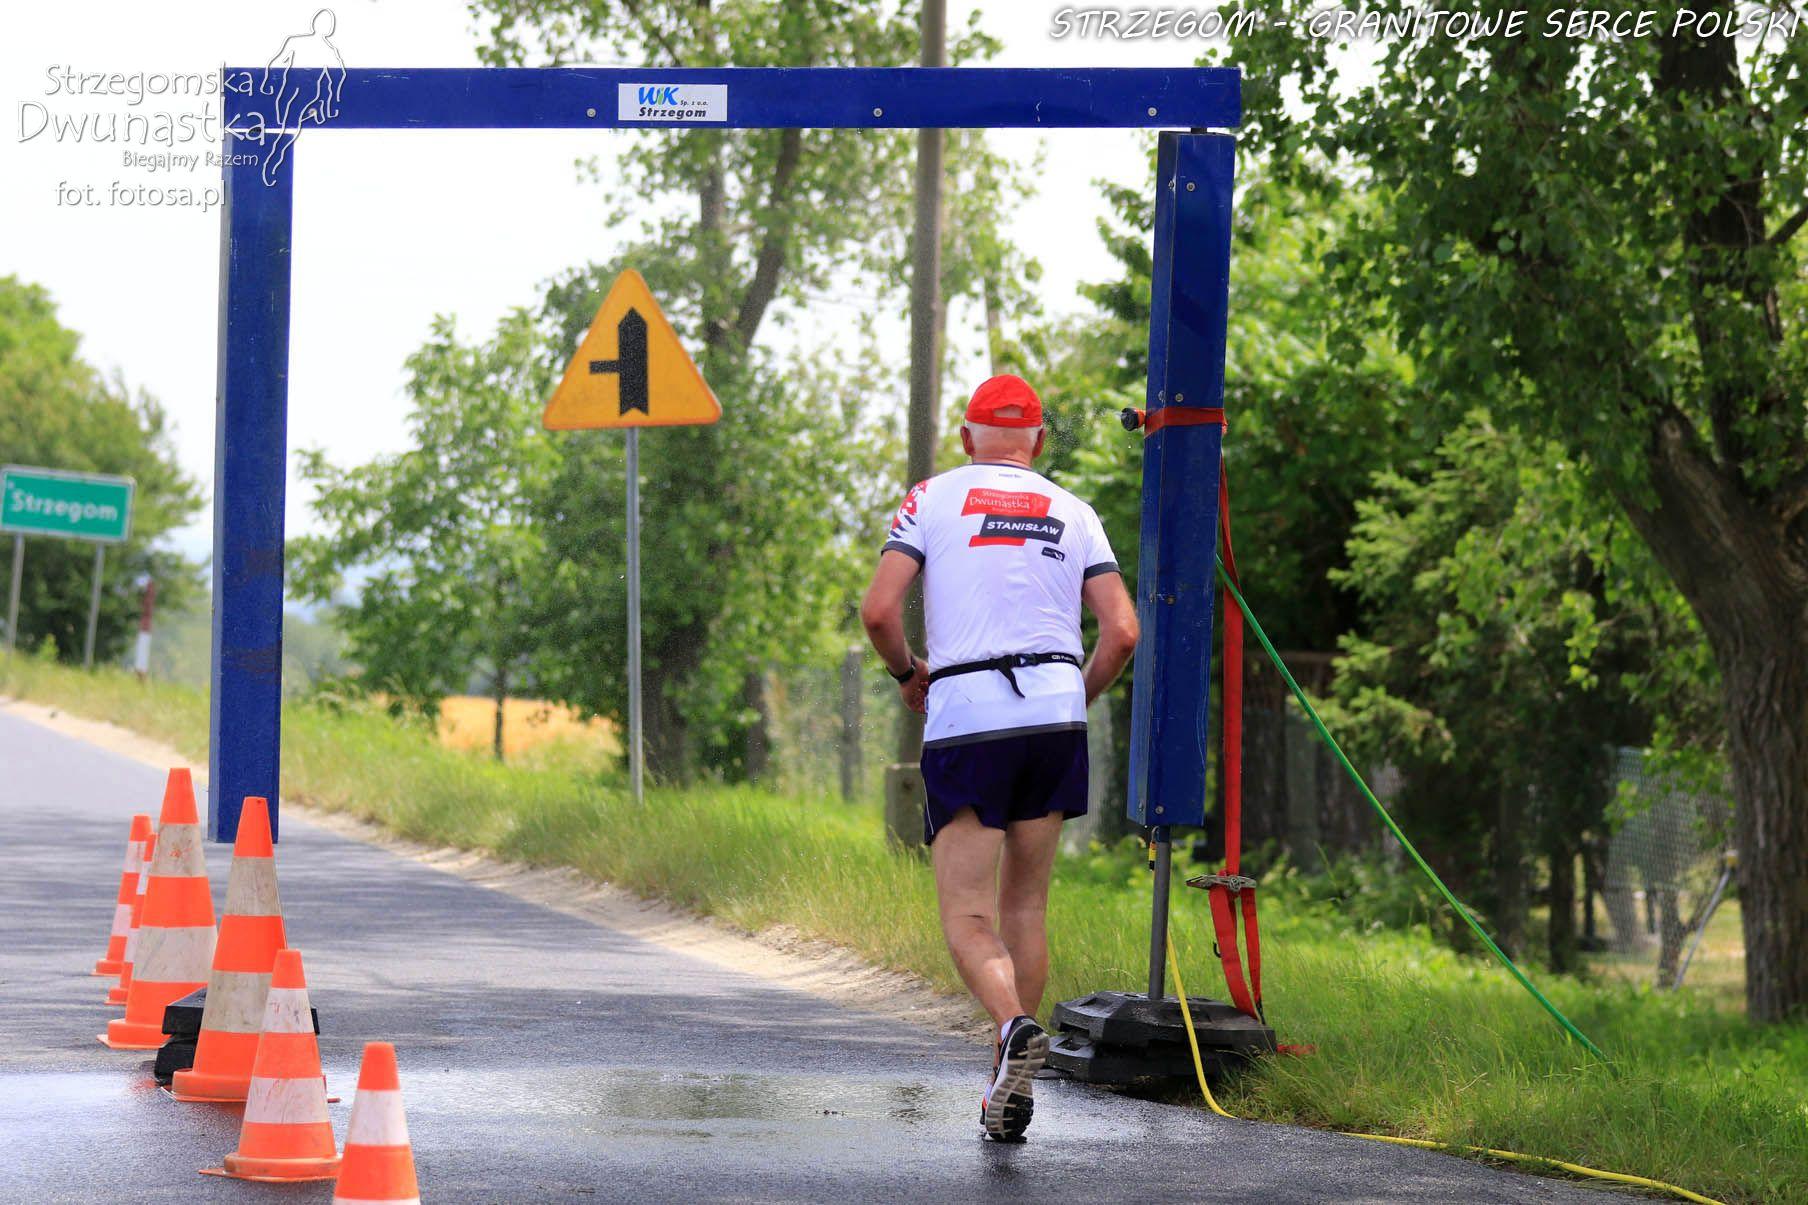 Strzegomska Dwunastka 15.06.2019 r.